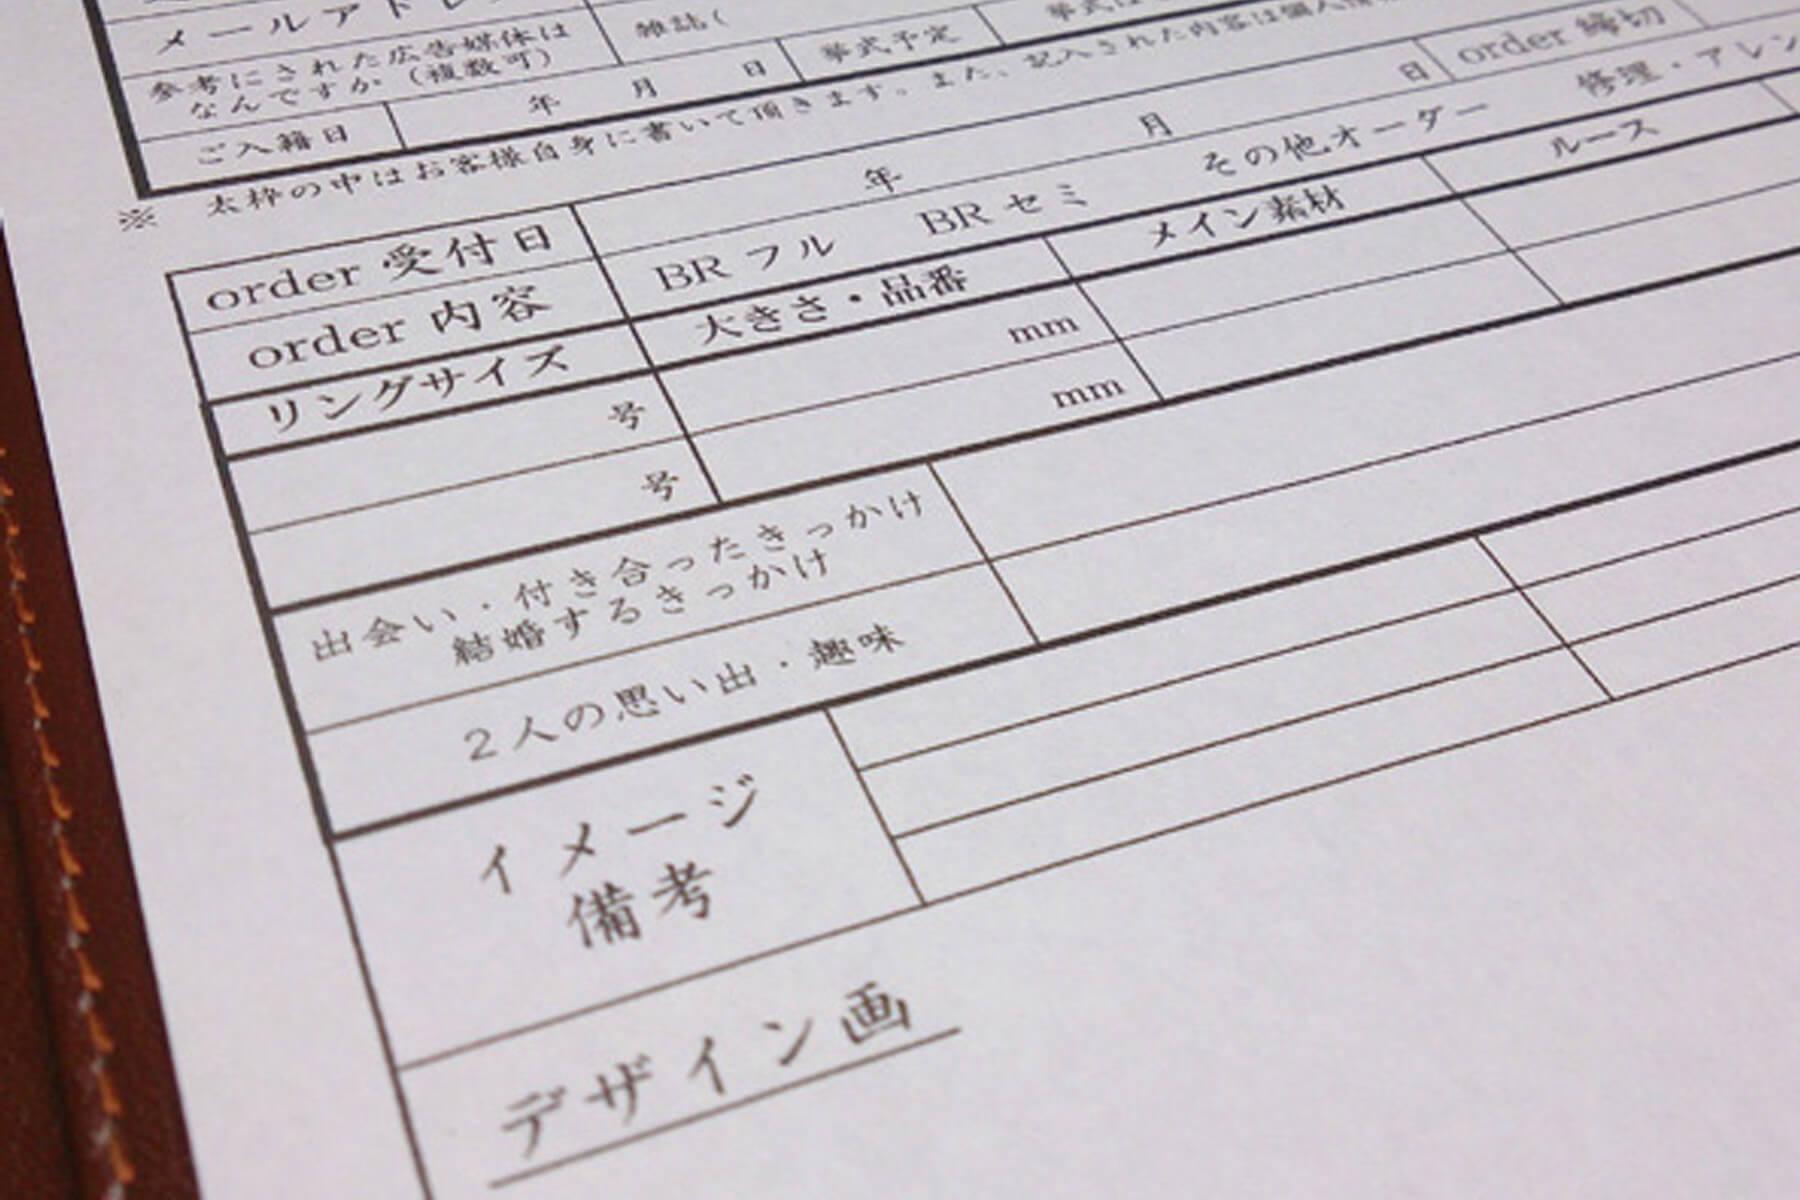 セルフメイド | 初回カウンセリング | かざりやゆい | 世界に一つだけの結婚指輪「kazariya Yui」 | 福島県郡山市